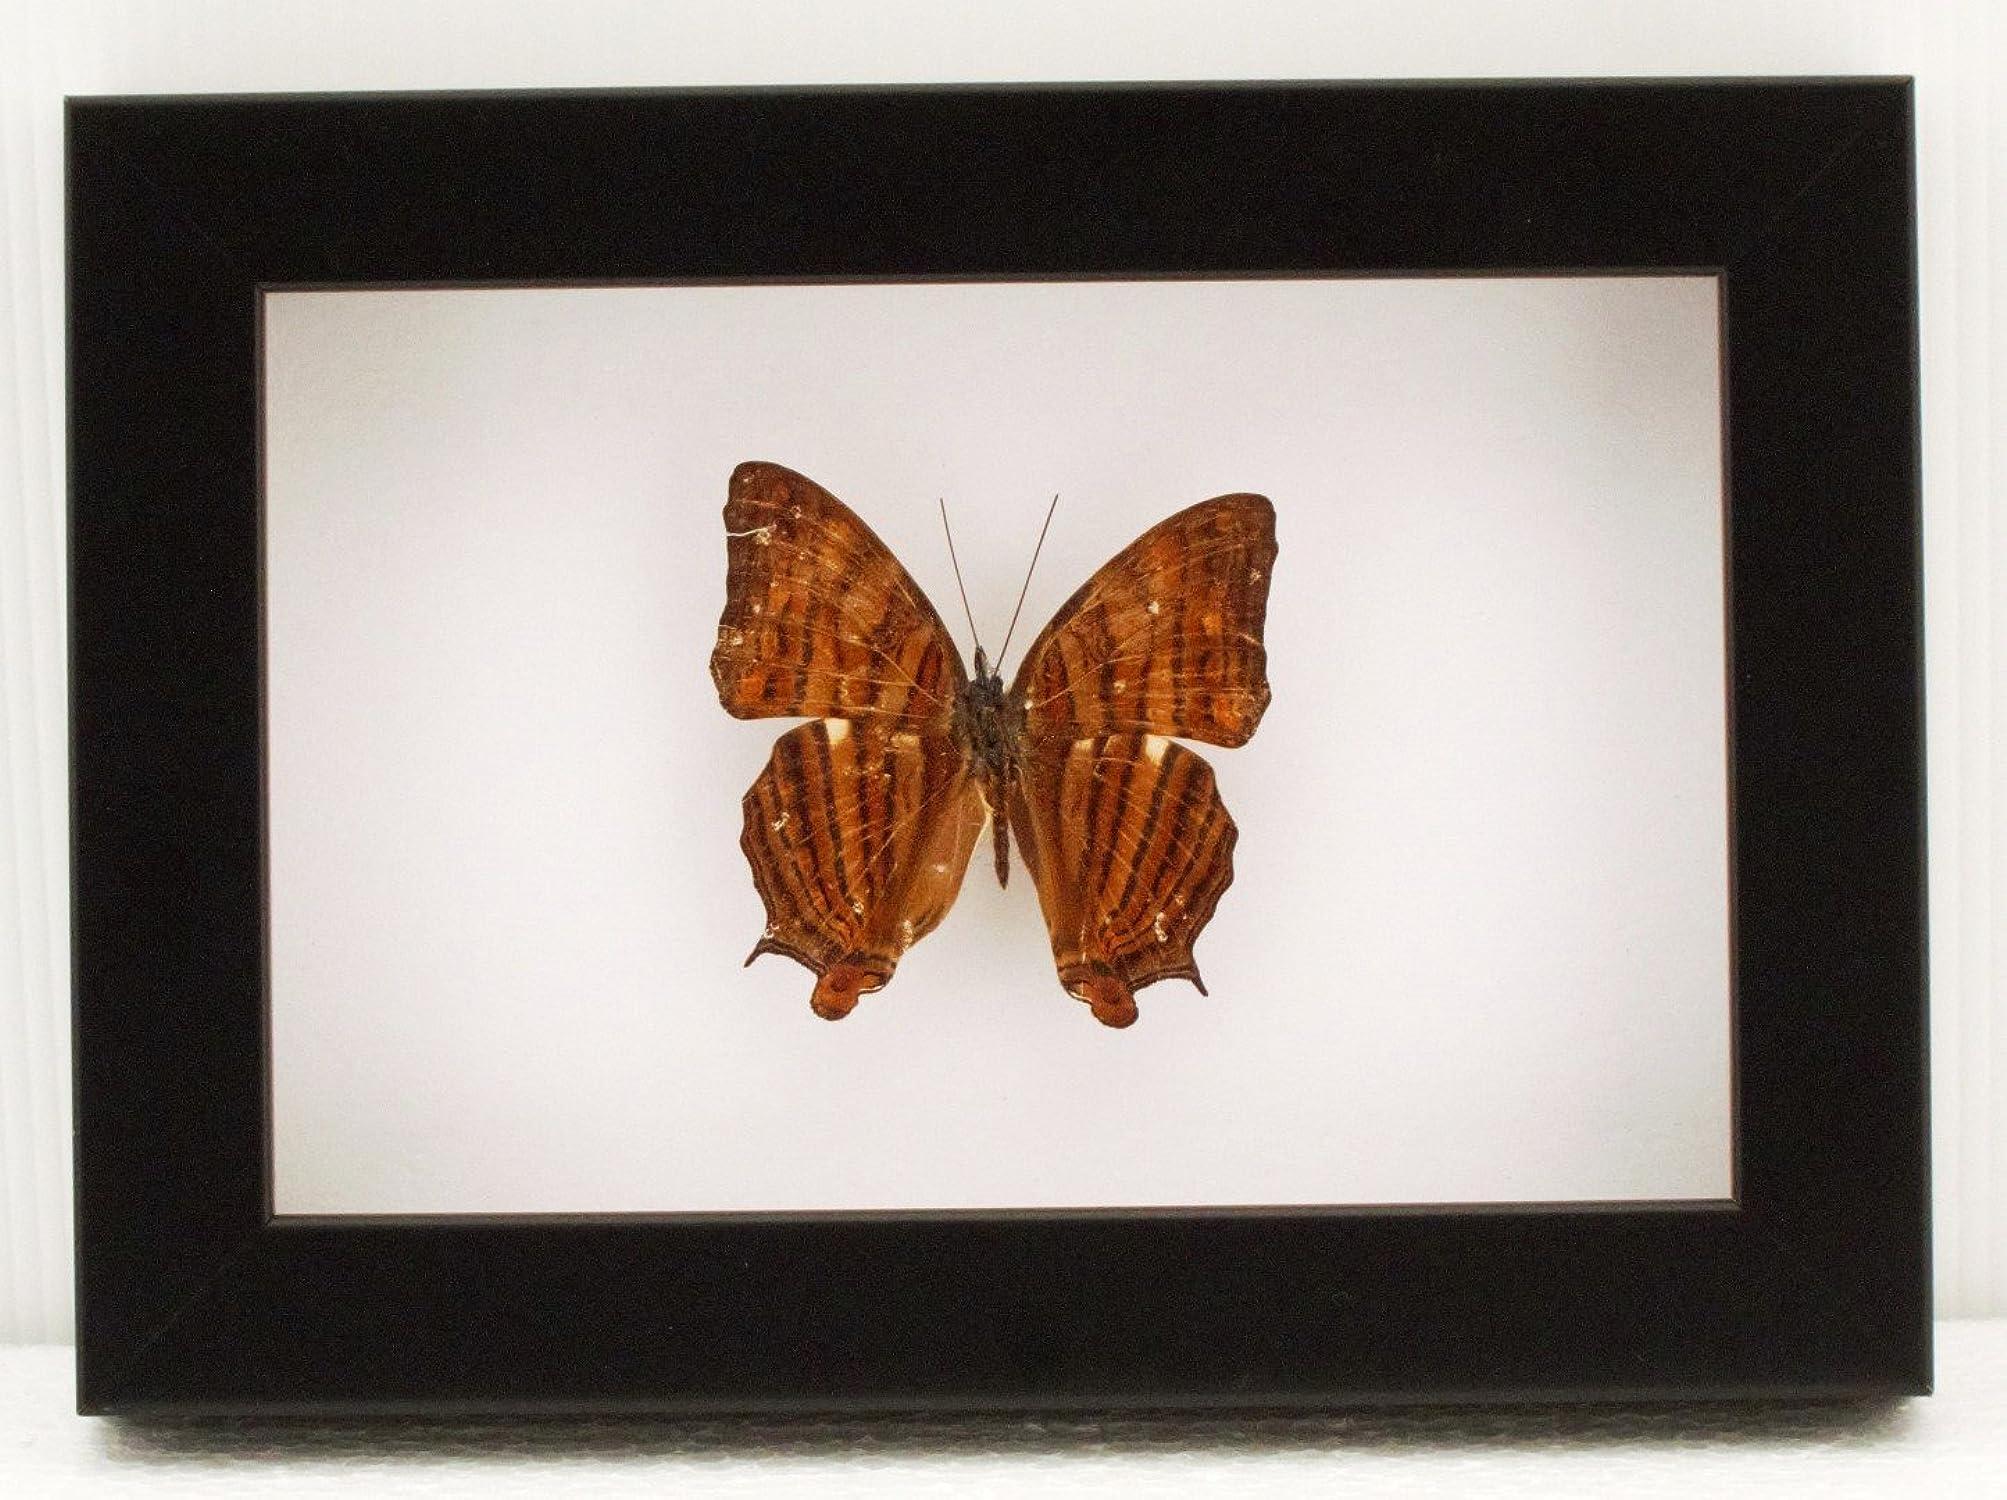 venta con descuento Brave Wings Cyrestis Thyonneus celebrensis celebrensis celebrensis - Decoración de Parojo con Diseño de Mariposa de taxidermia montado bajo acrílico en Marco de Polietileno  muy popular